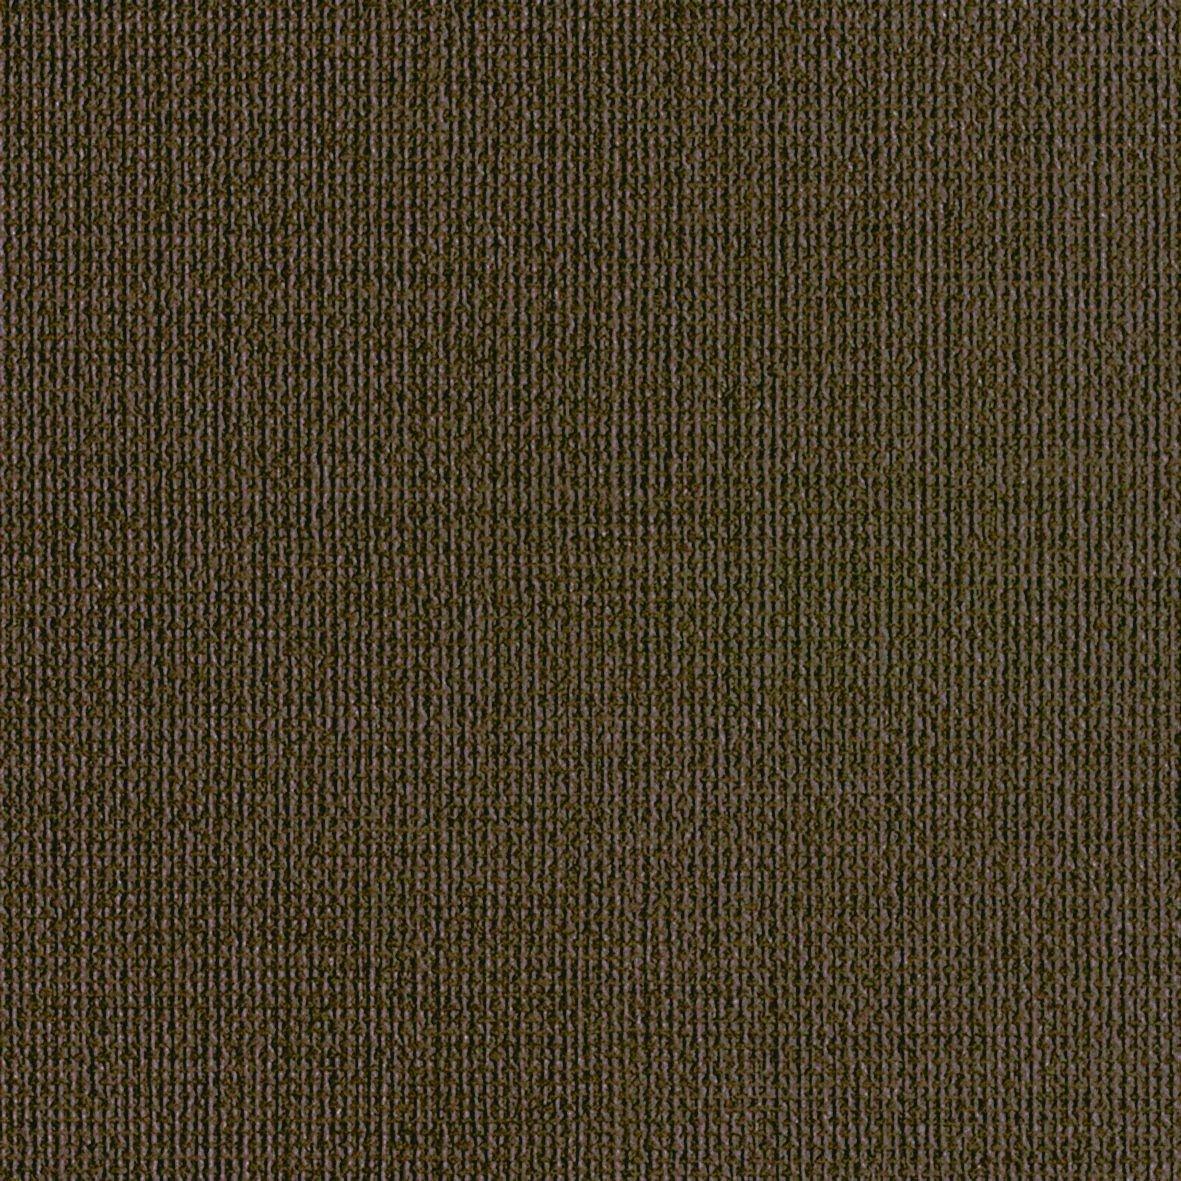 リリカラ 壁紙50m シンフル 織物調 ブラウン LL-8630 B01N3T4DHF 50m|ブラウン